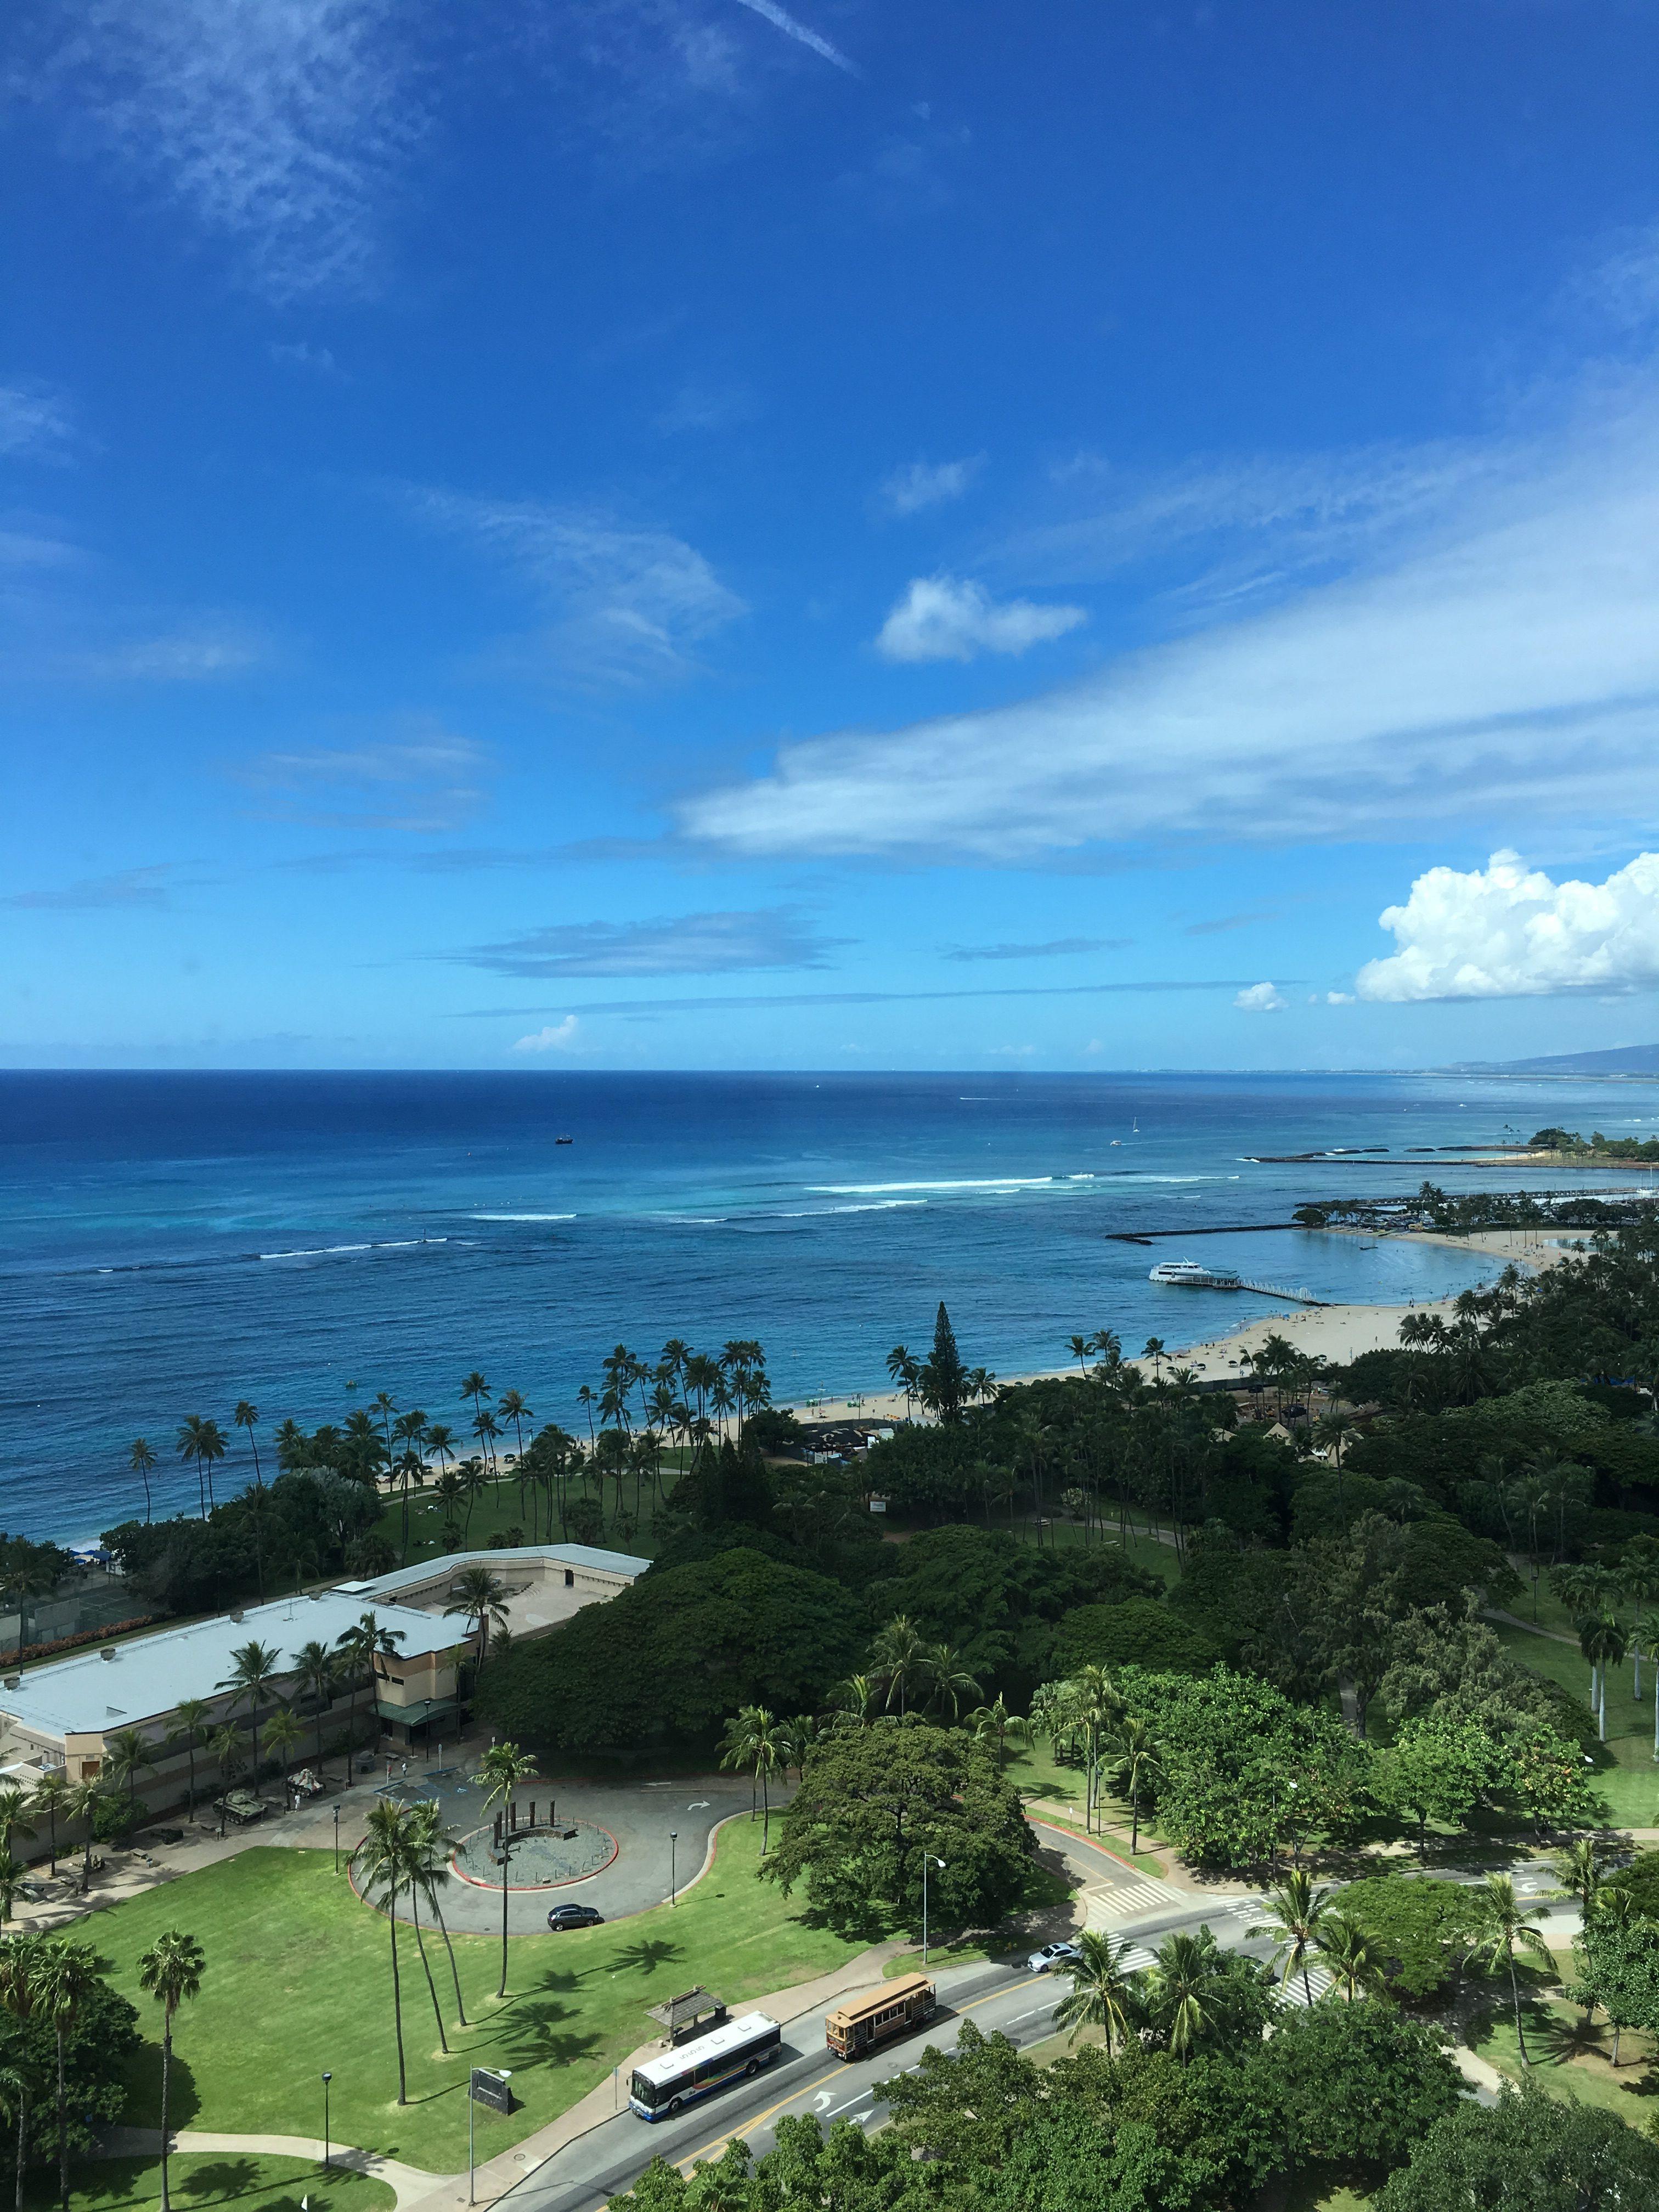 【到着〜ホテル編】子連れハワイ旅行2018(3歳男、1歳女)4泊6日トランプインターナショナルホテルワイキキへ滞在